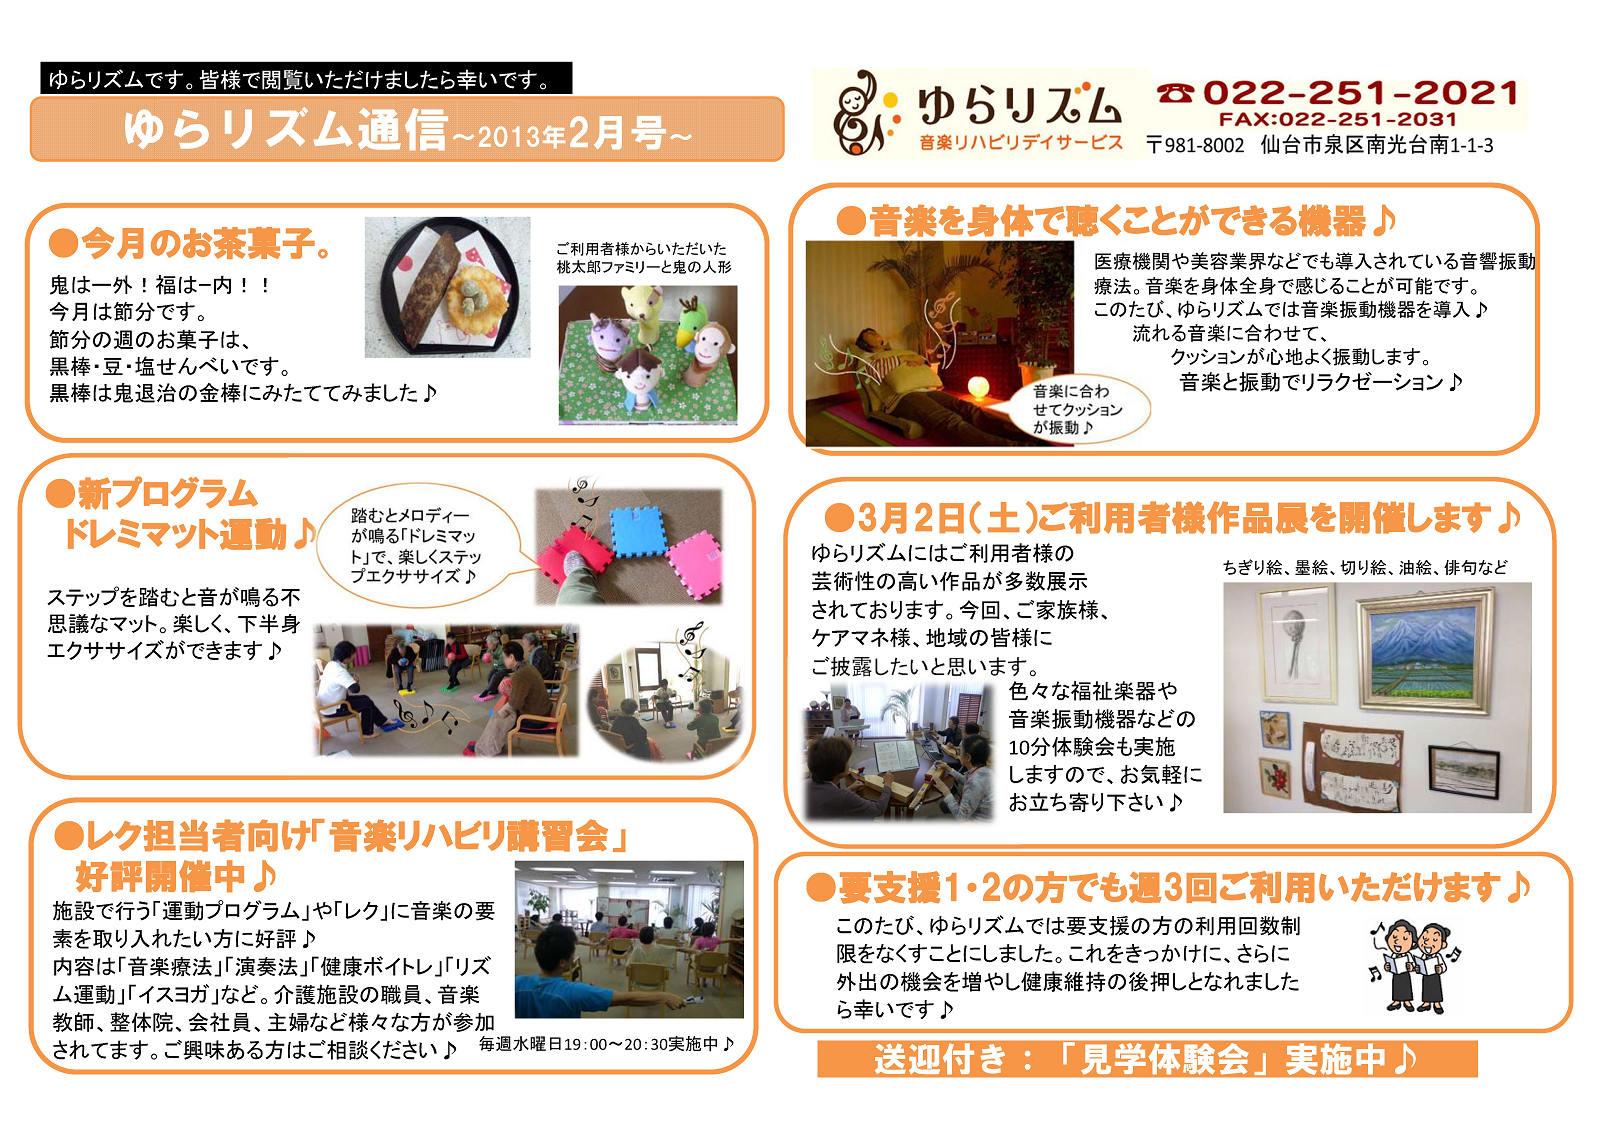 201302yuratsu.jpg